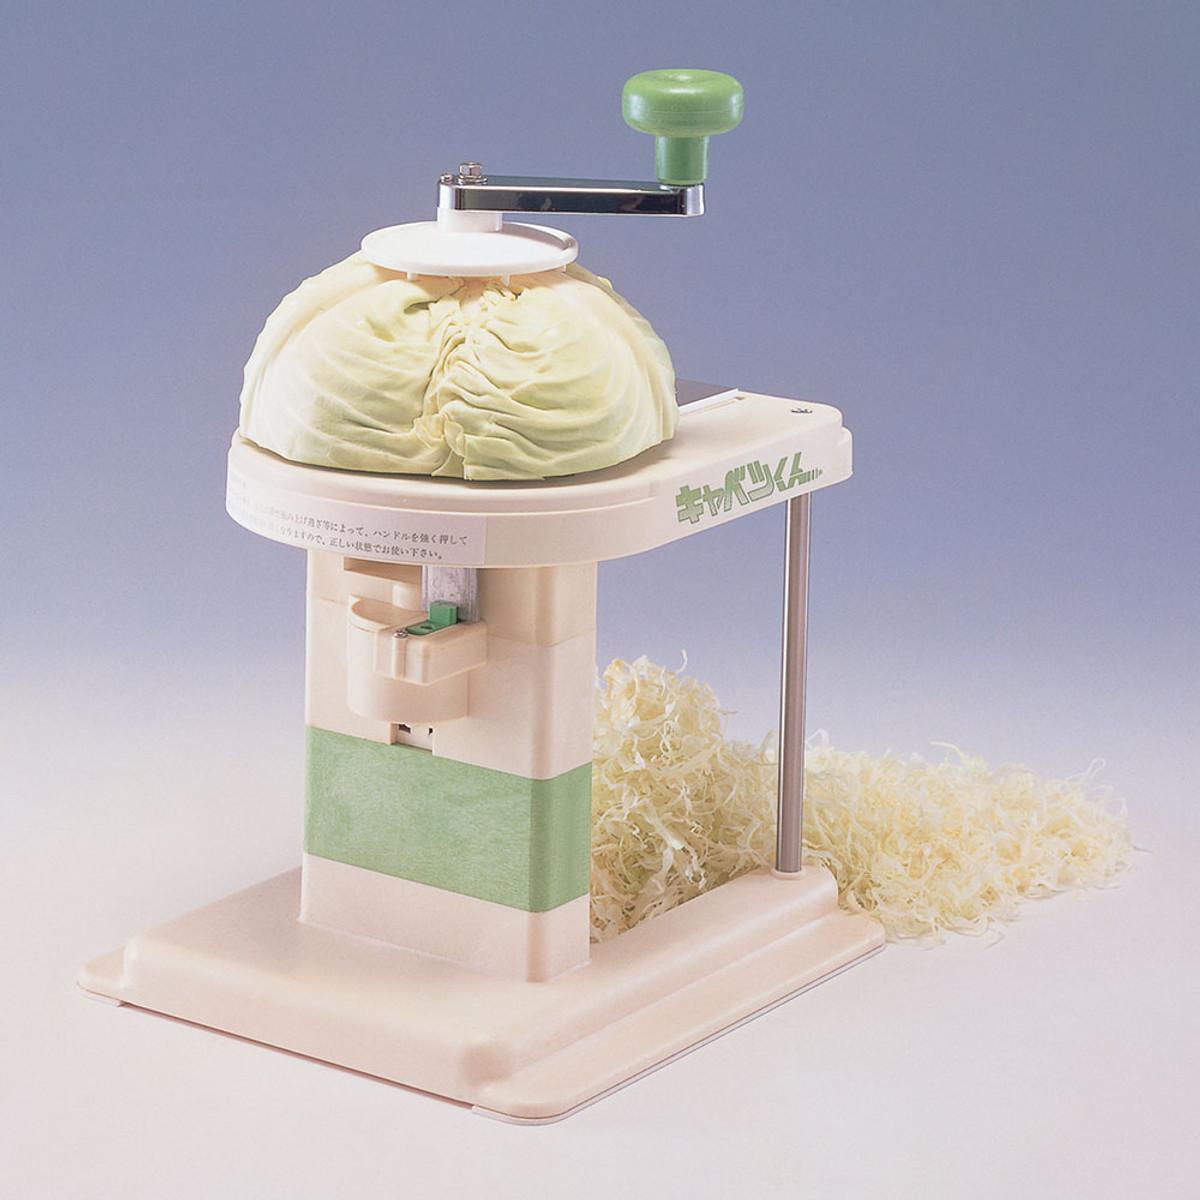 Chiba   Cabetsukun   Cabbage Slicer